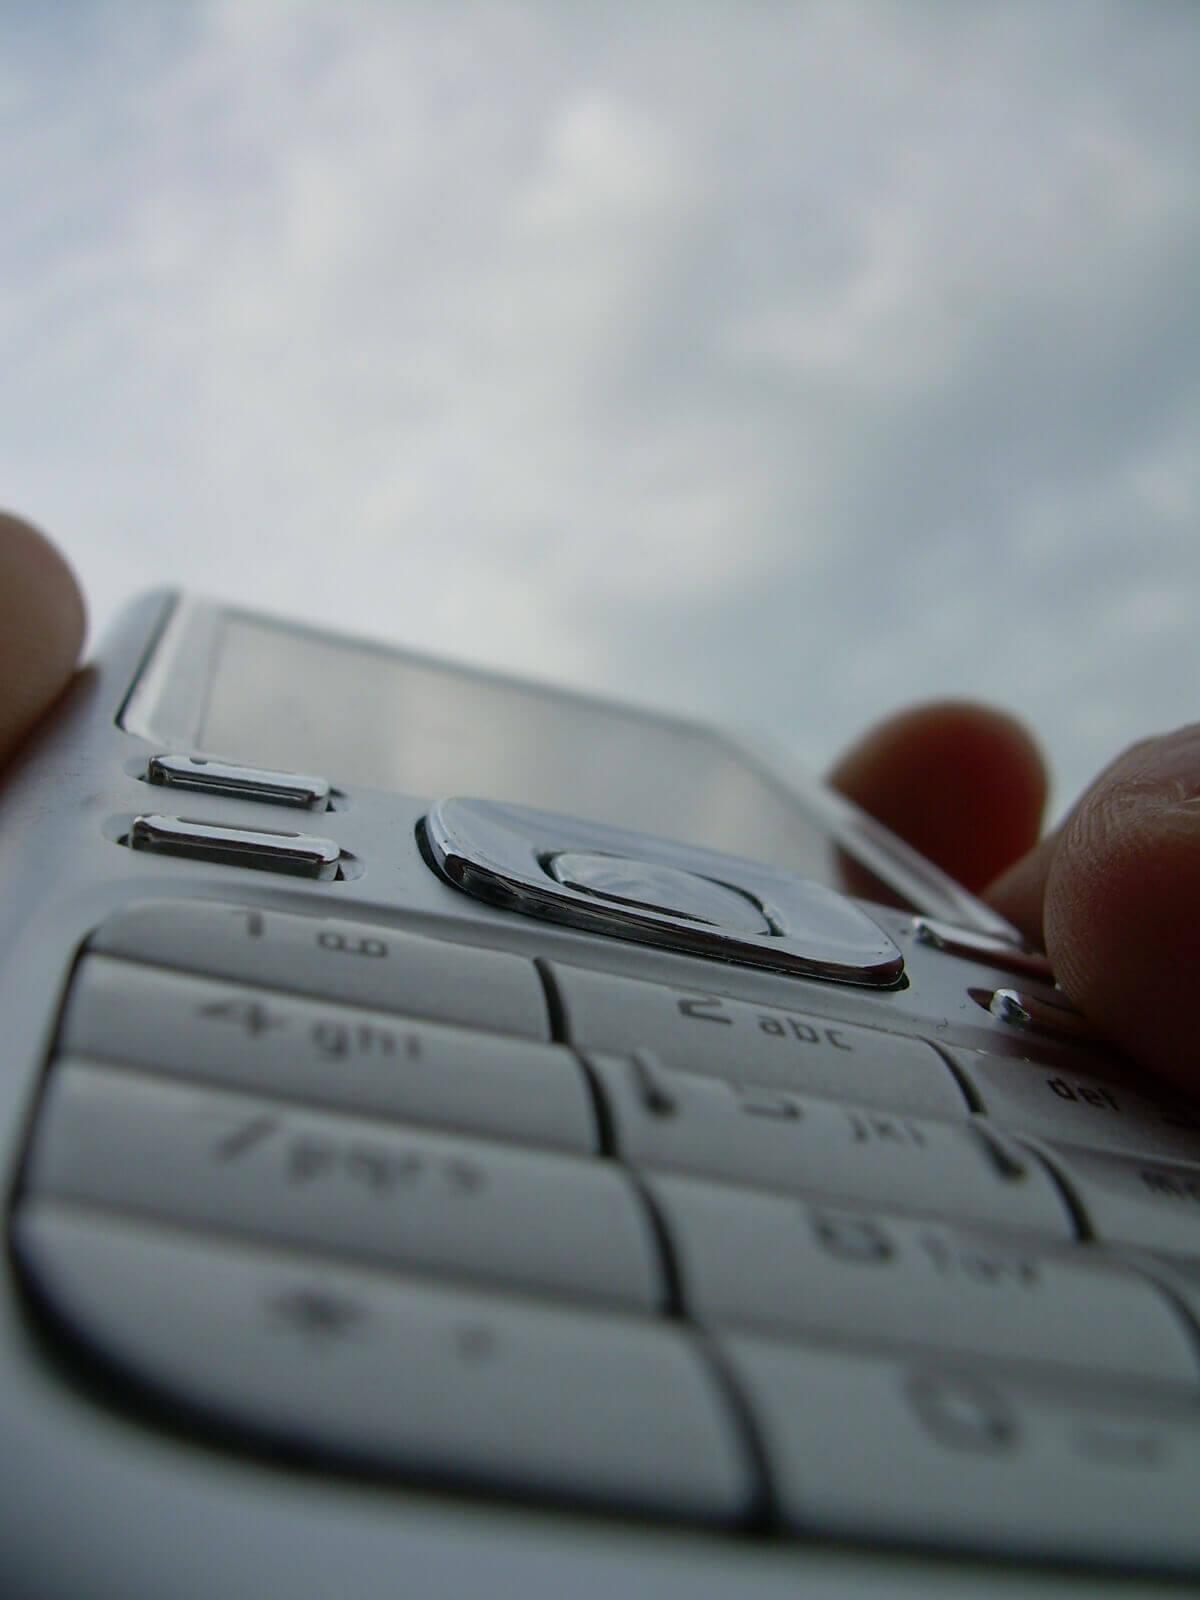 Handy in der Hand (c) plambeck / pixelio.de